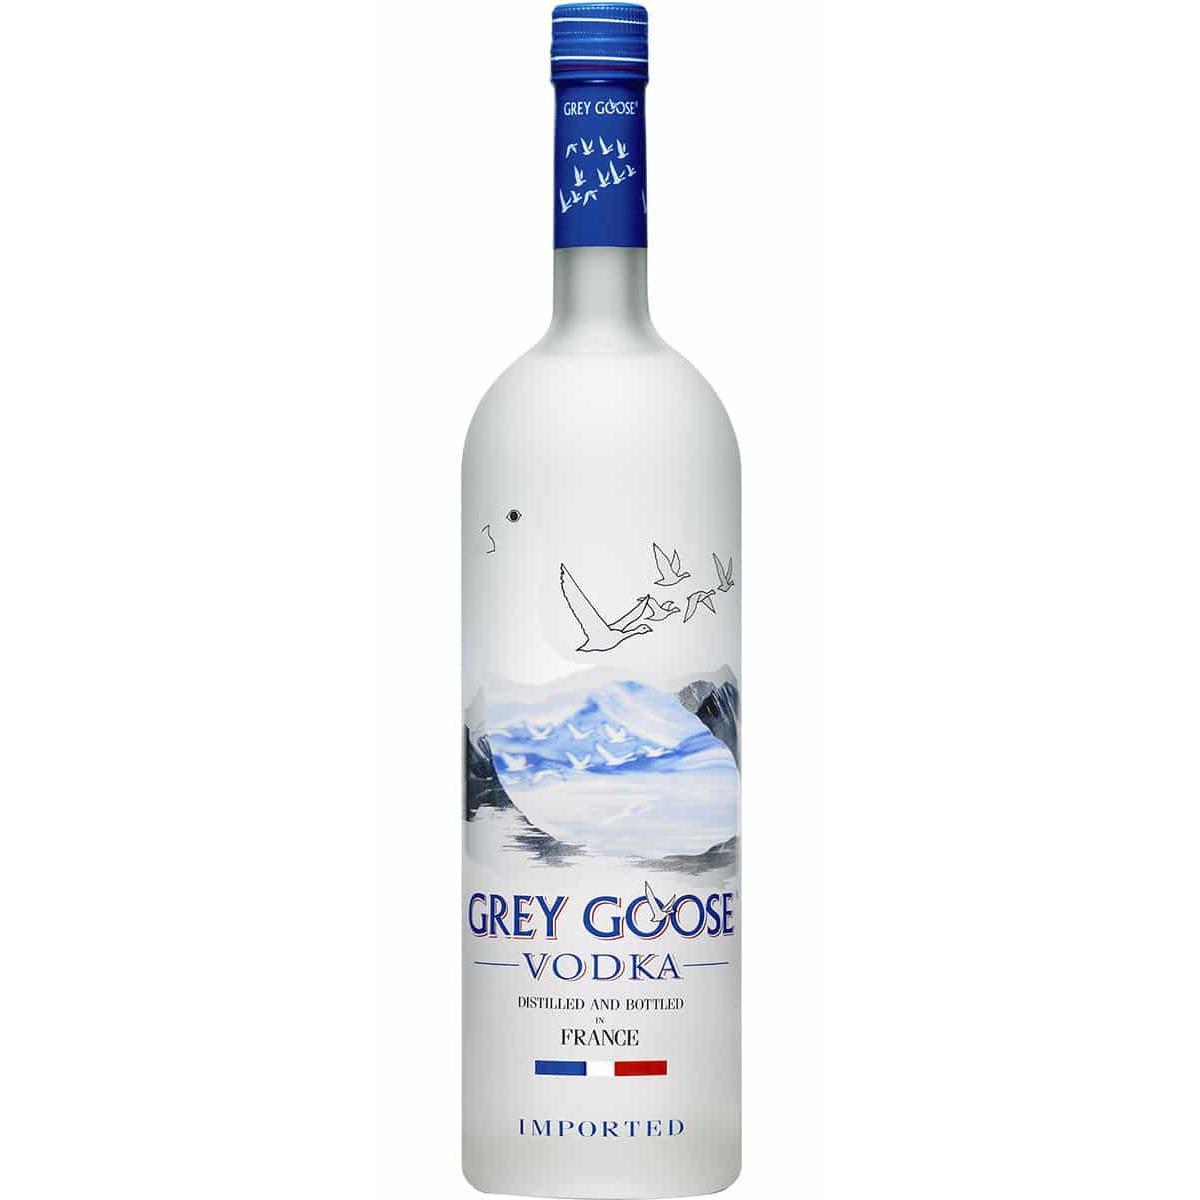 Grey Goose 3 Litros (Francia) Comprar Vodka online Licorea